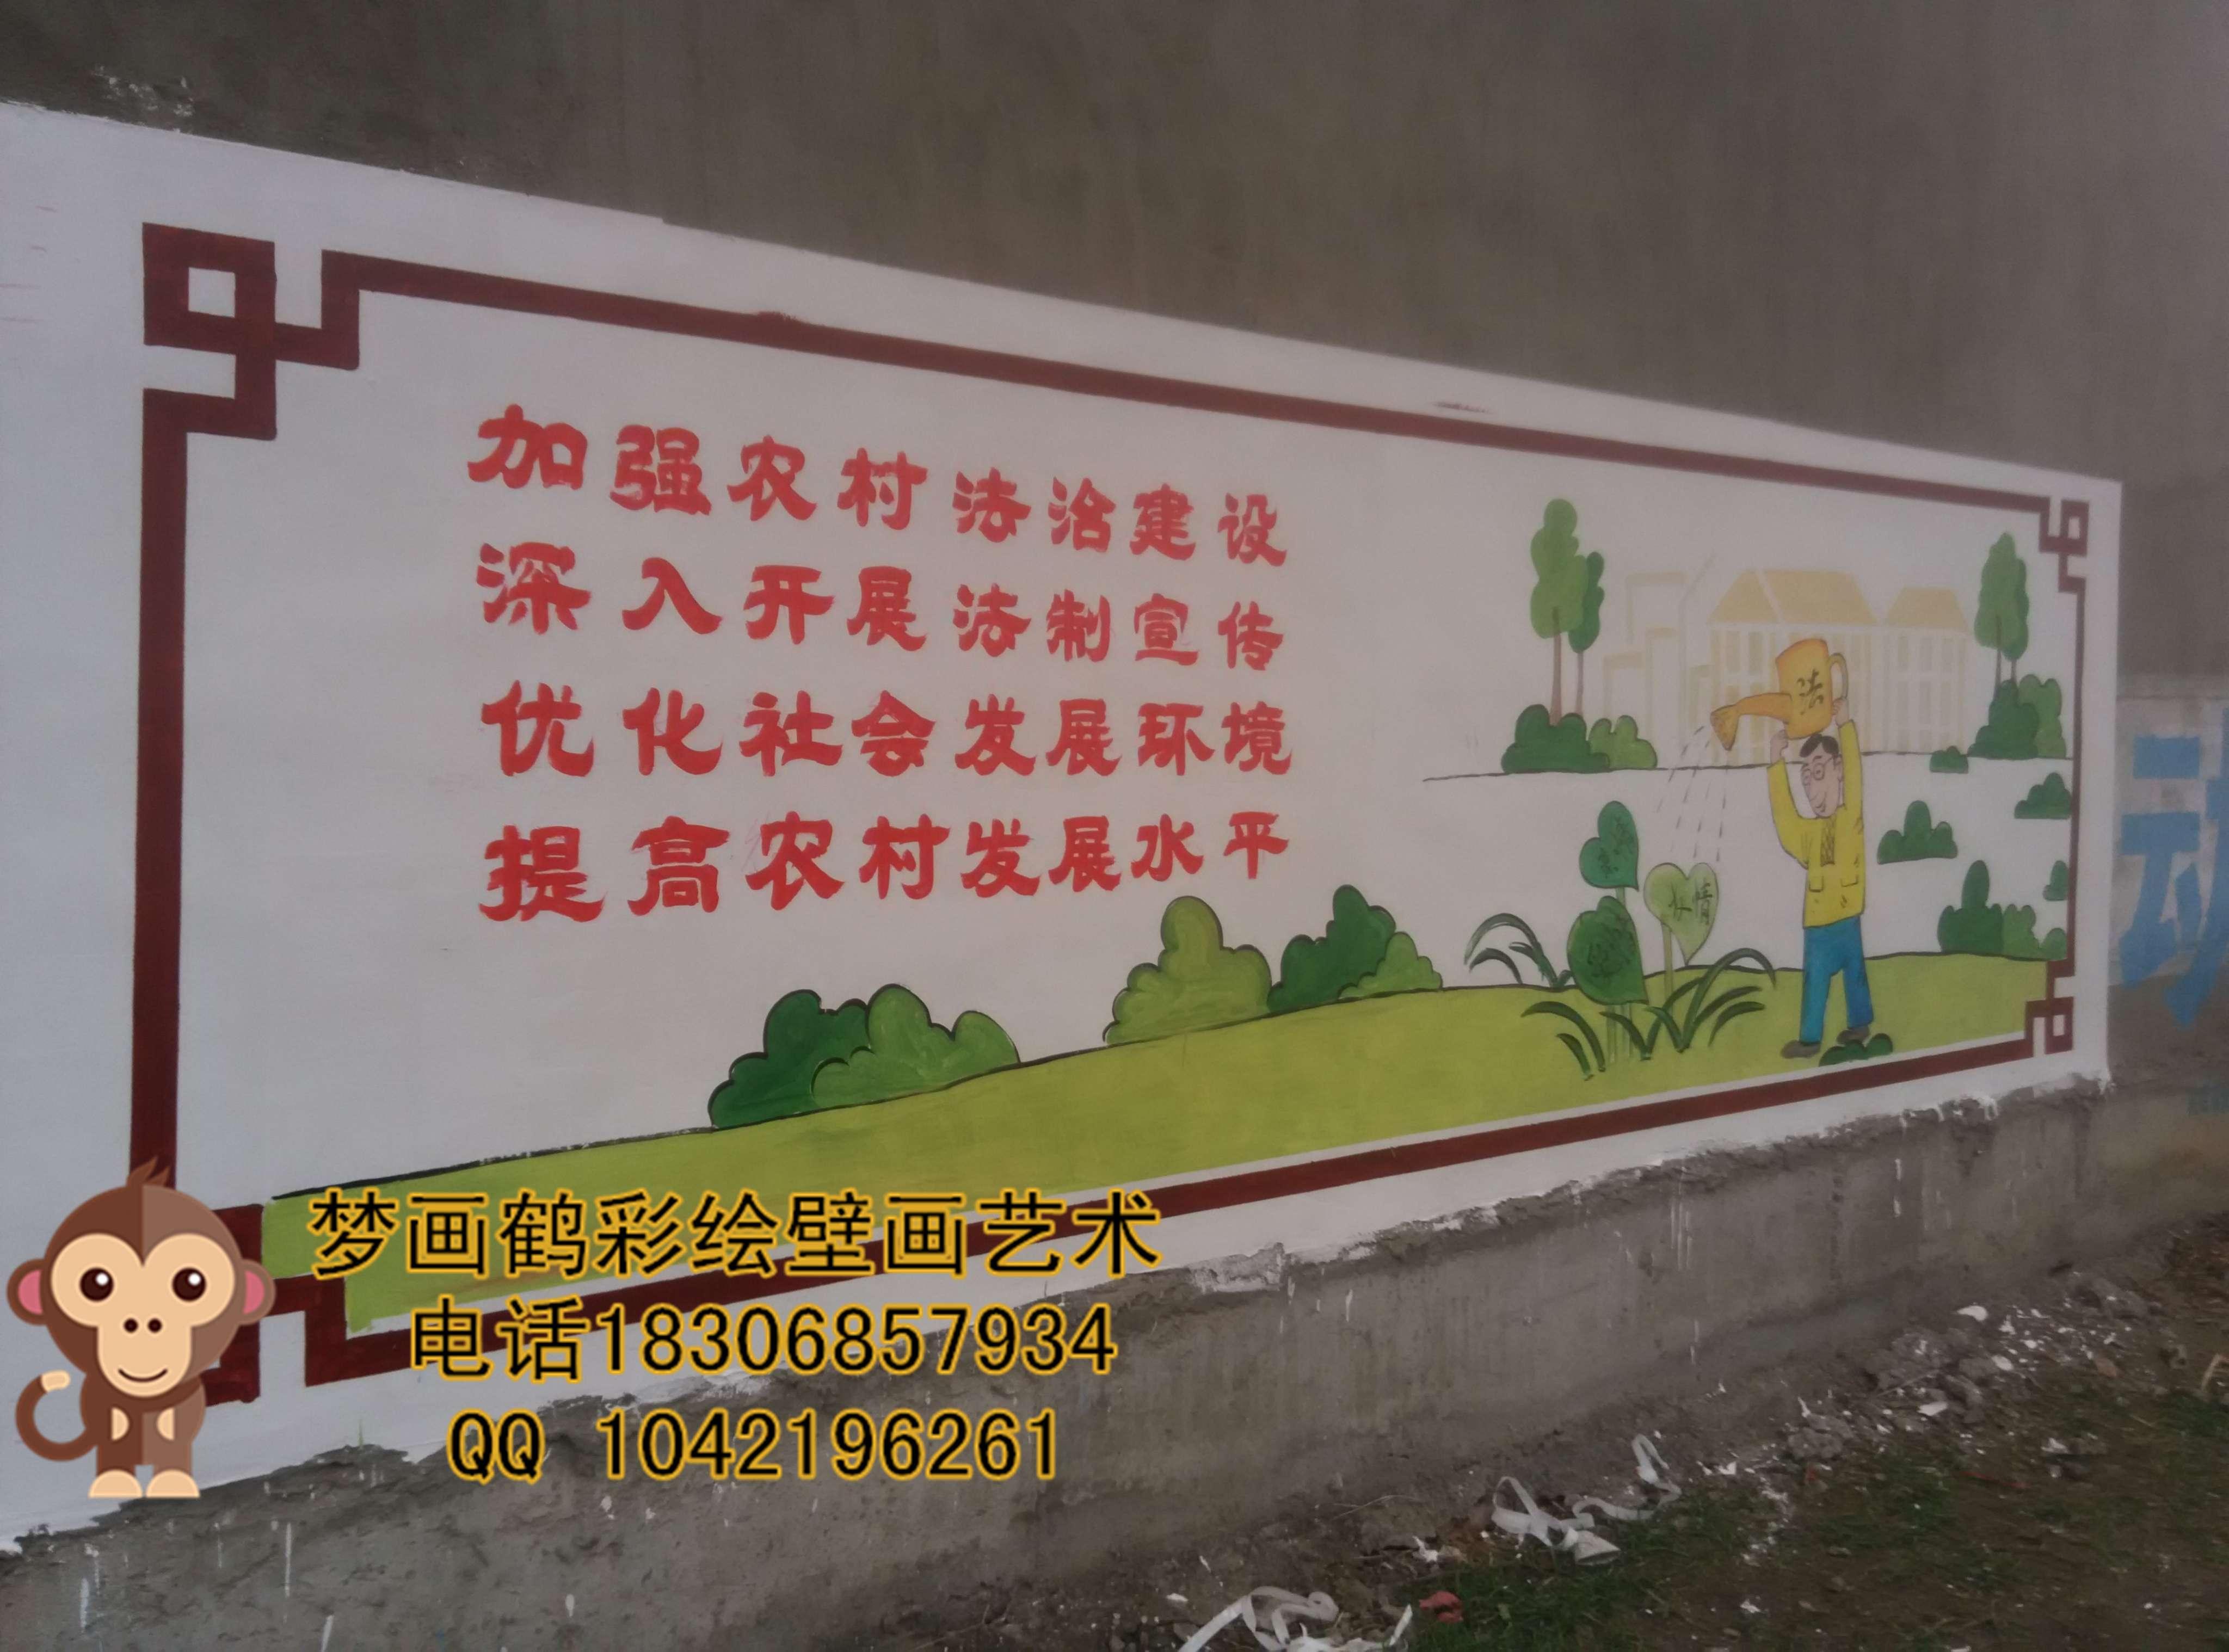 3 室外墙绘:幼儿园,学校墙绘,围墙宣传画,农村城市文化墙.